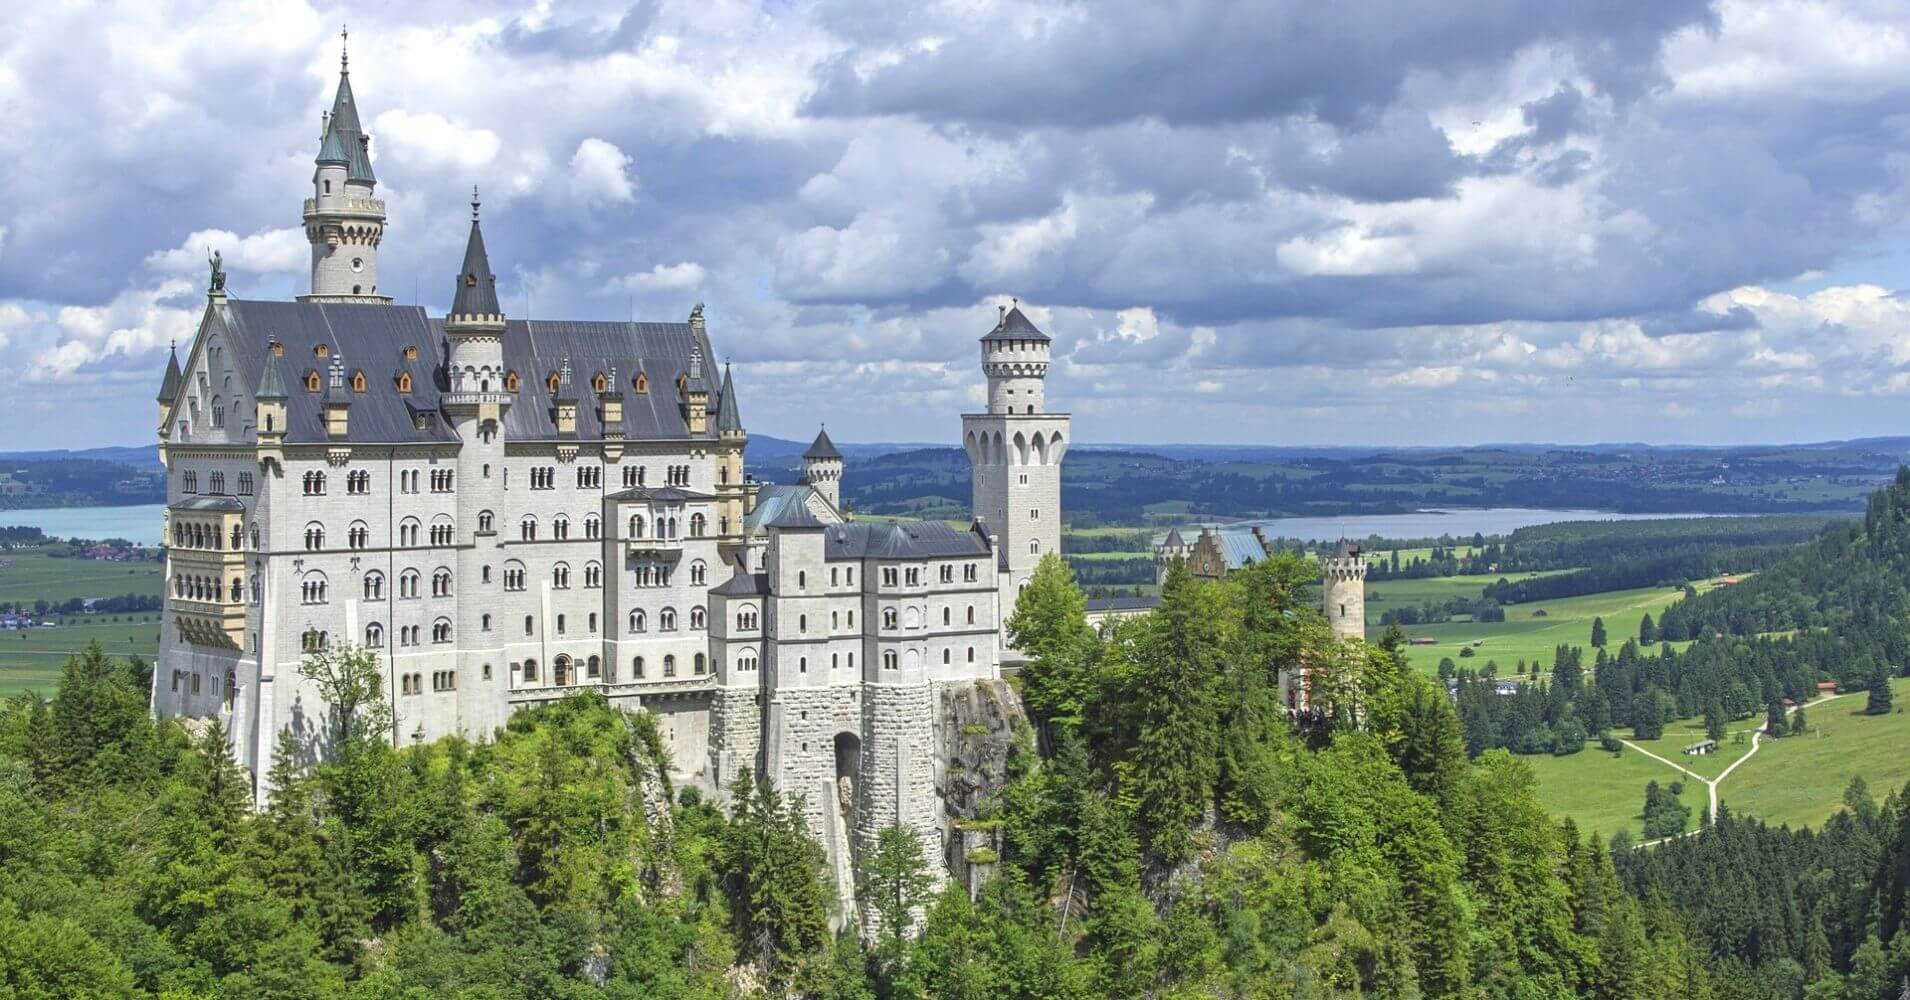 El Castillo de Neuschwanstein. Baviera, Alemania.